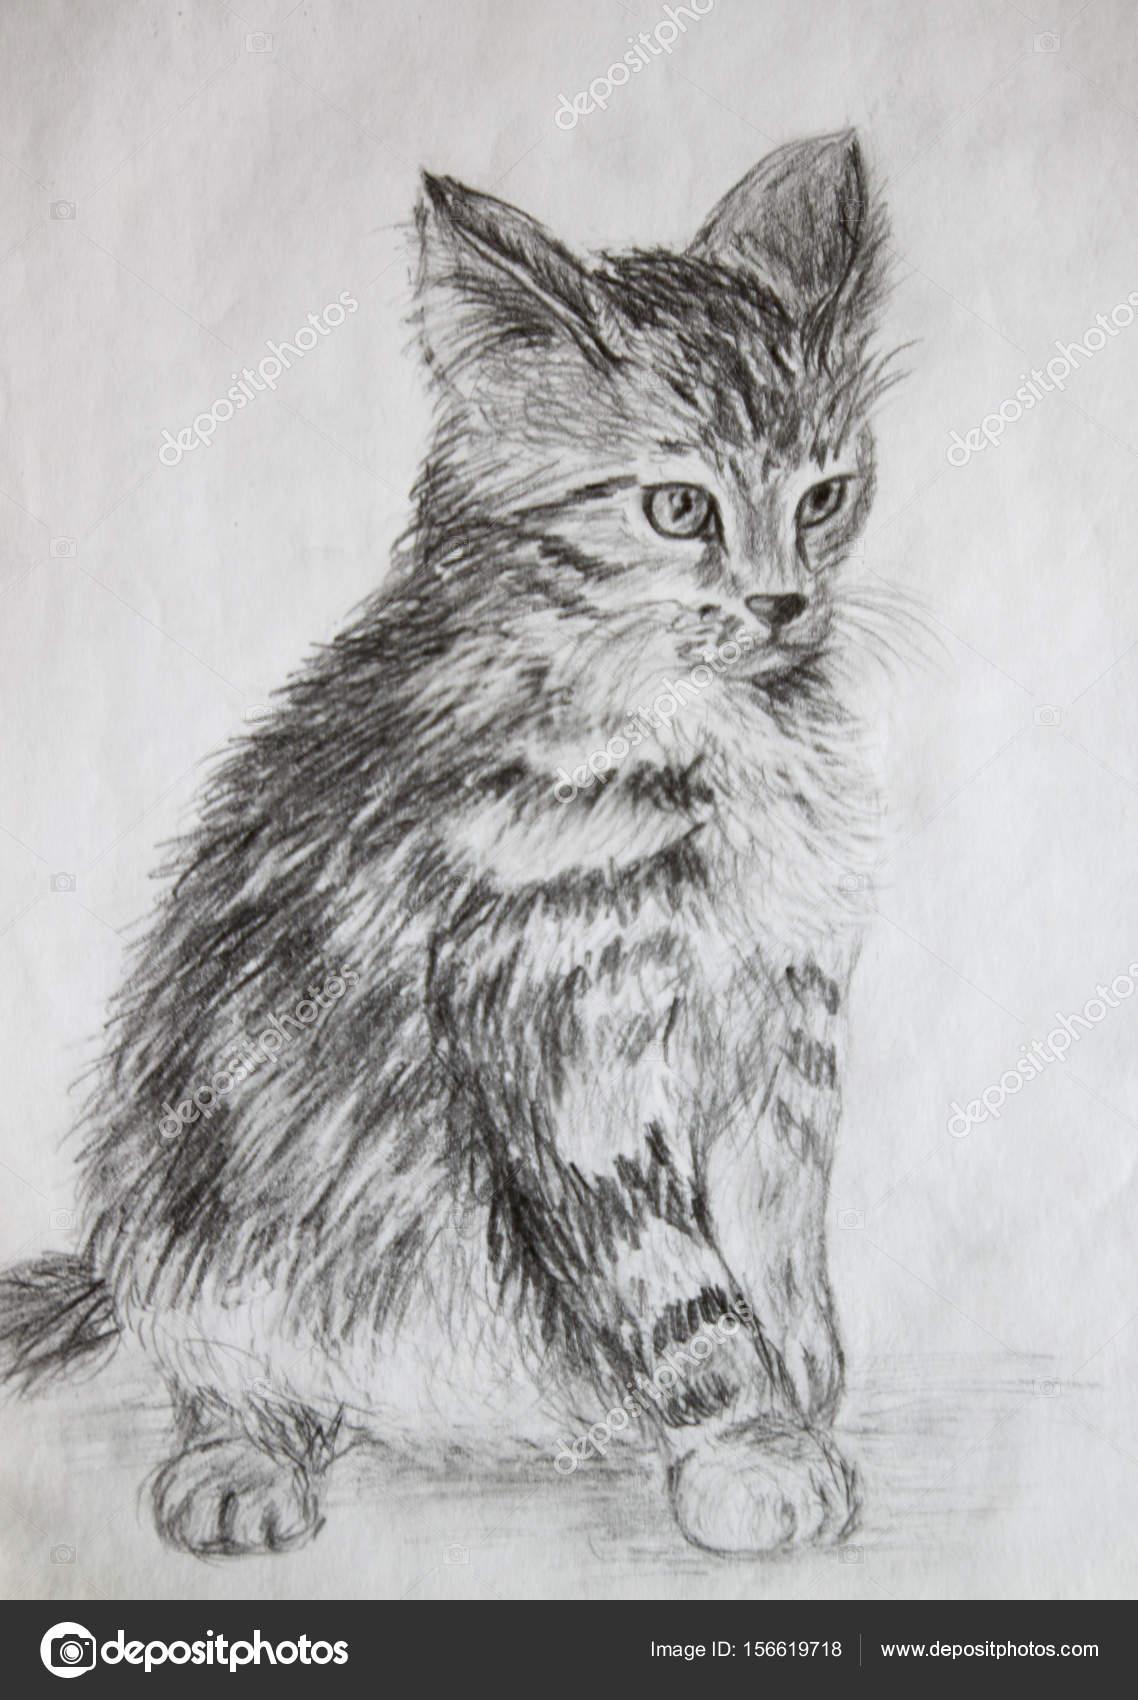 Gato Gato Asustado Dibujo Dibujo A Lápiz Fotos De Stock Alna3